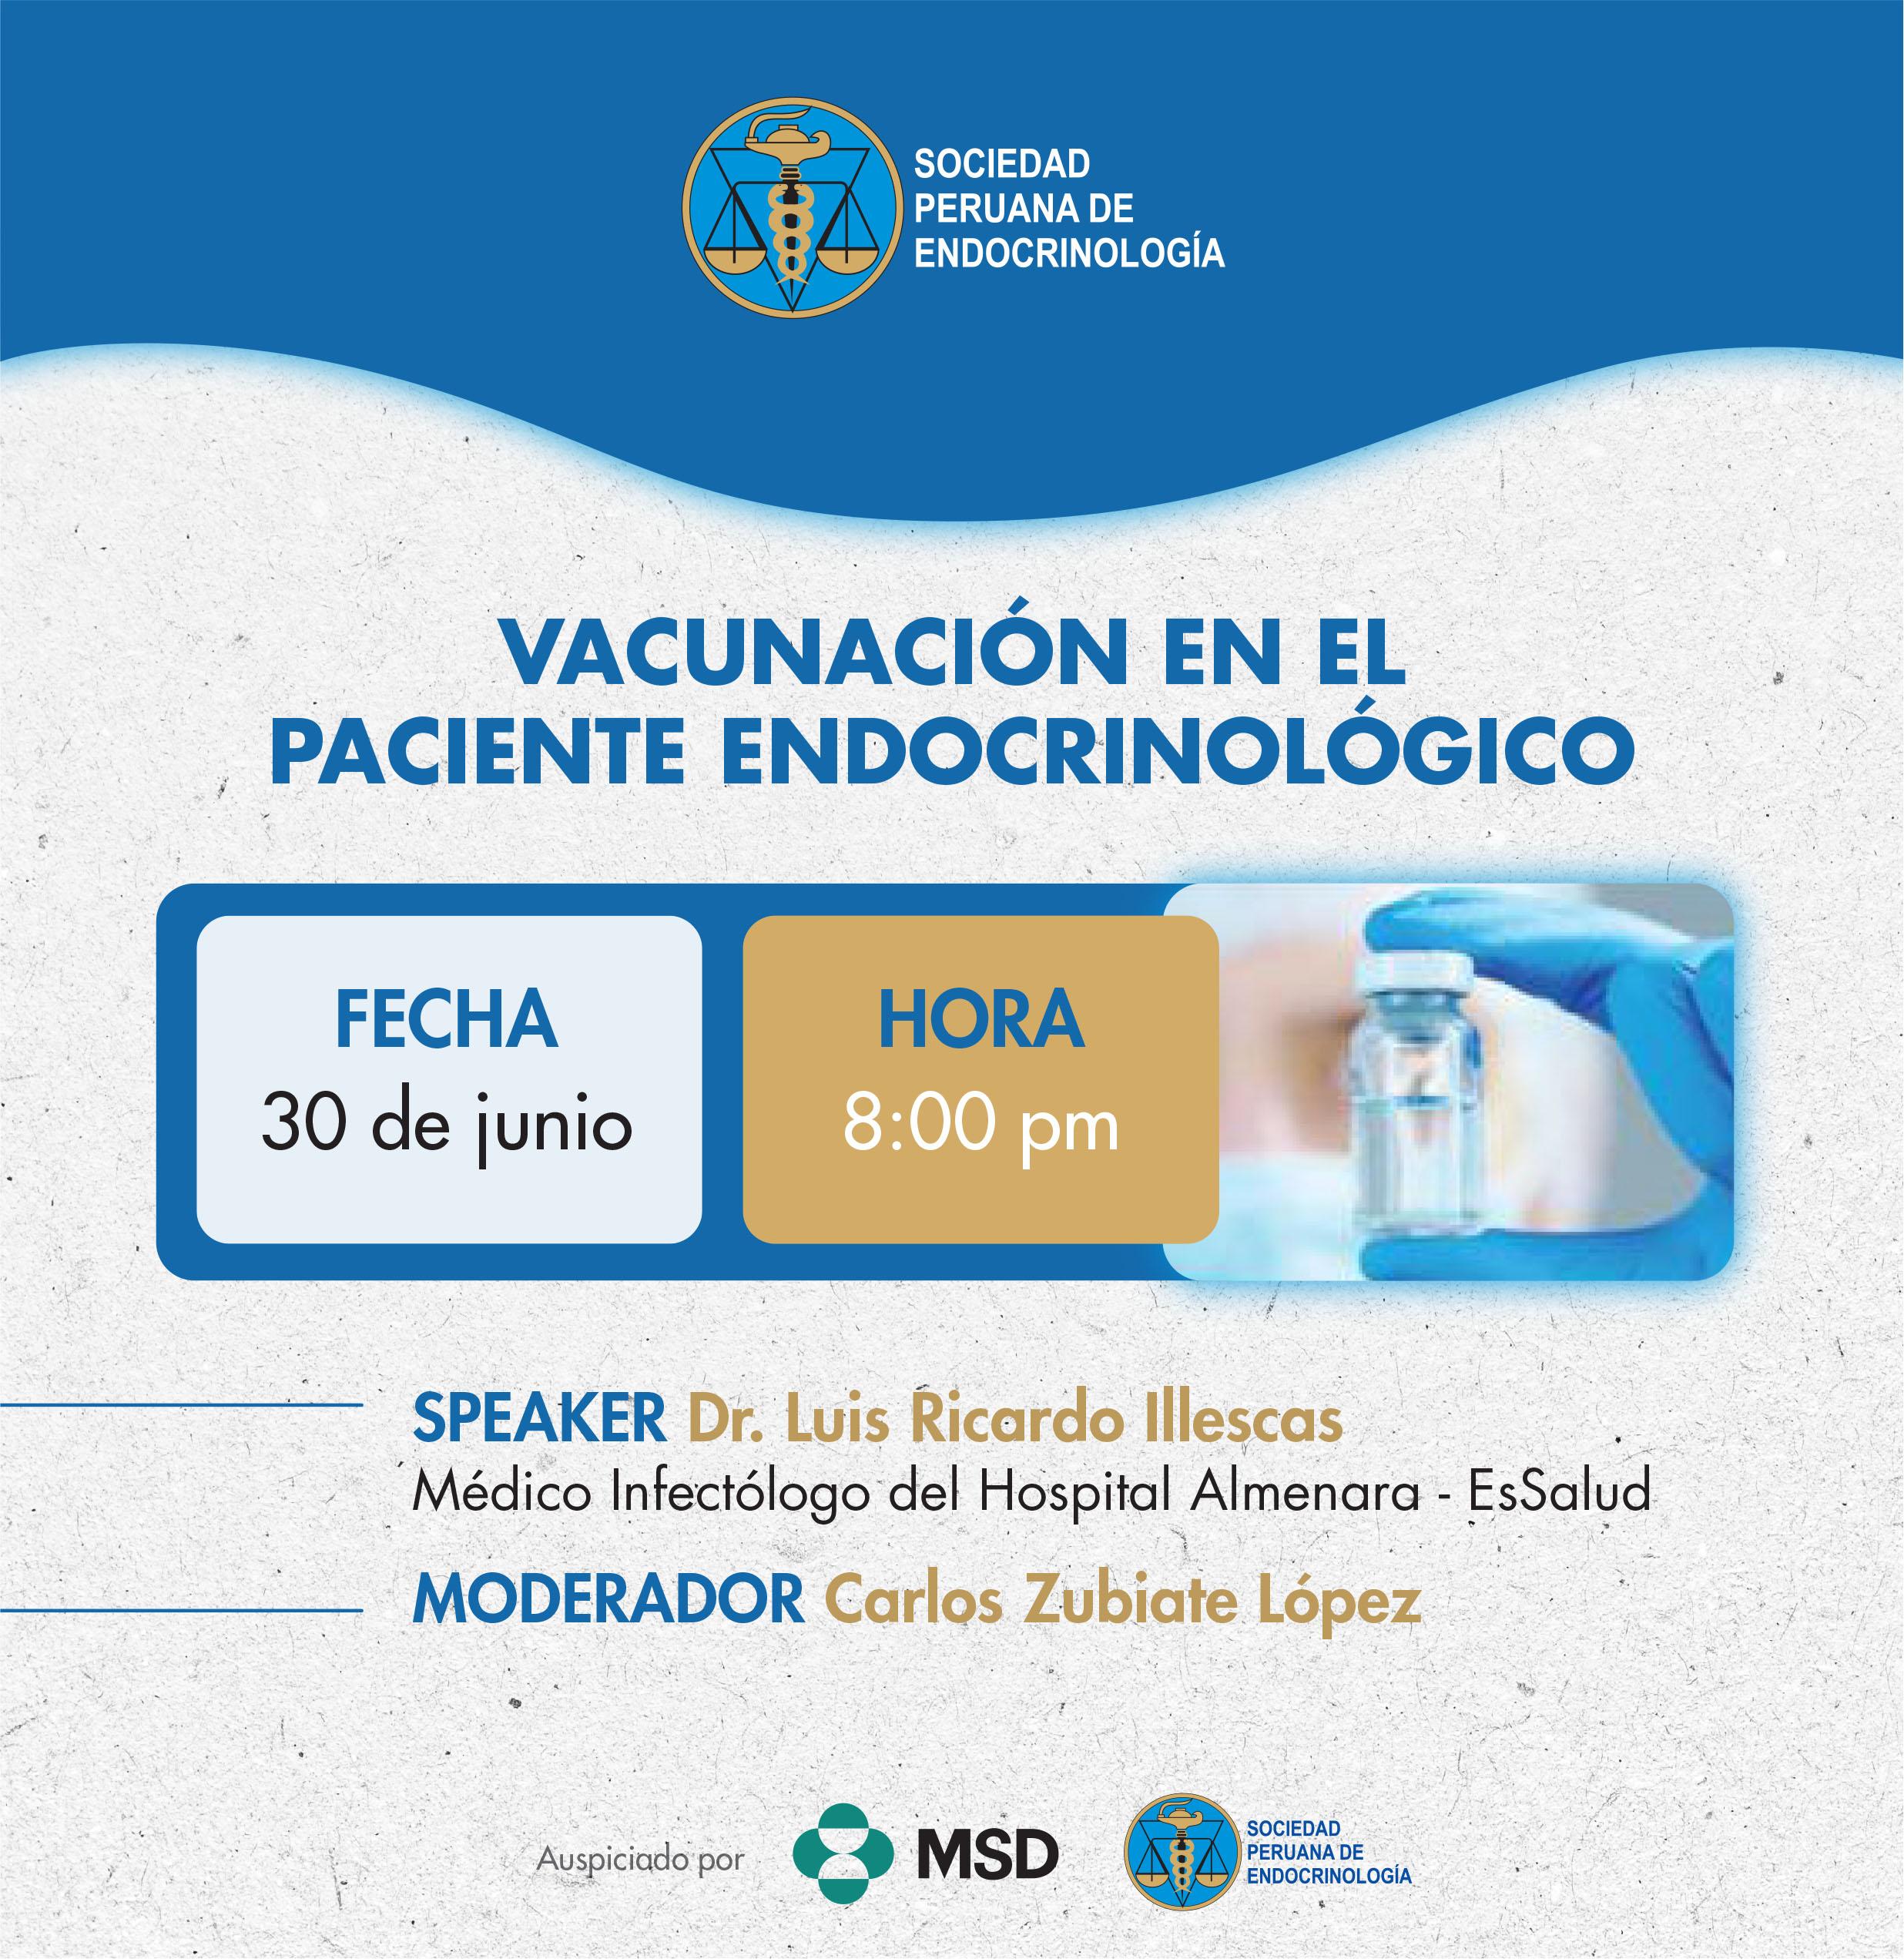 vacunacion-en-el-paciente-endocrinologico.jpg